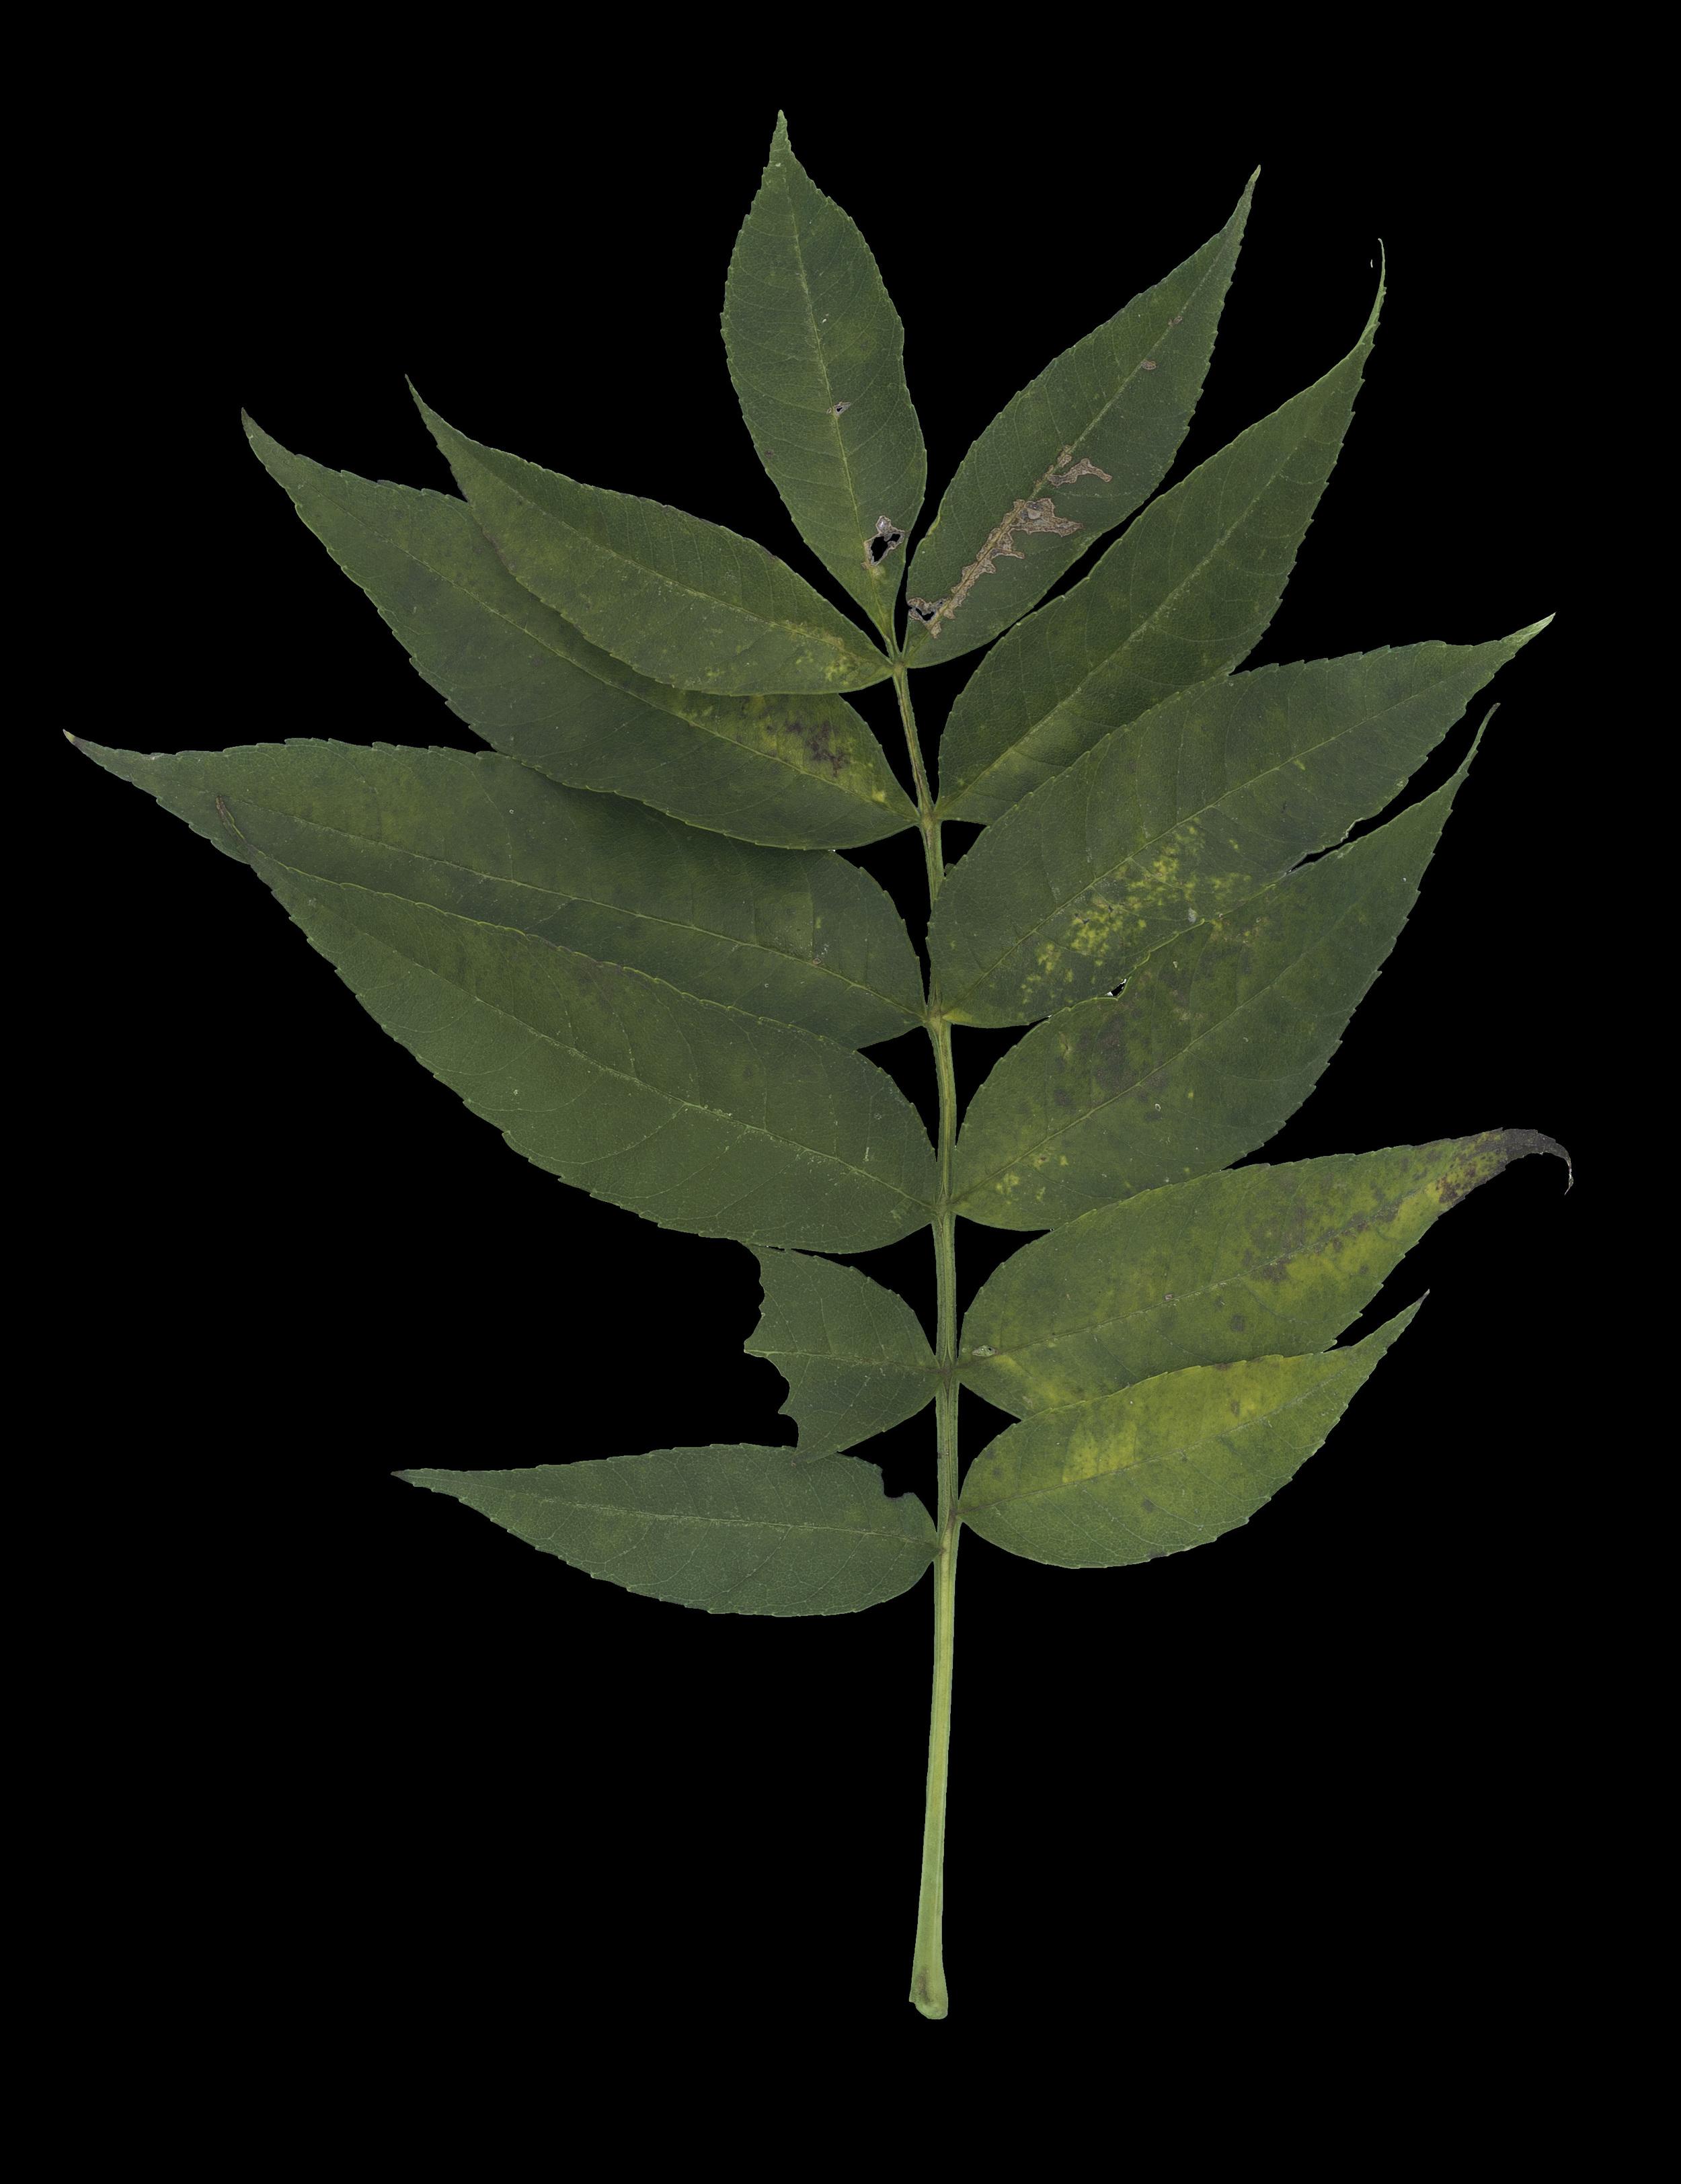 foliage_74.jpg